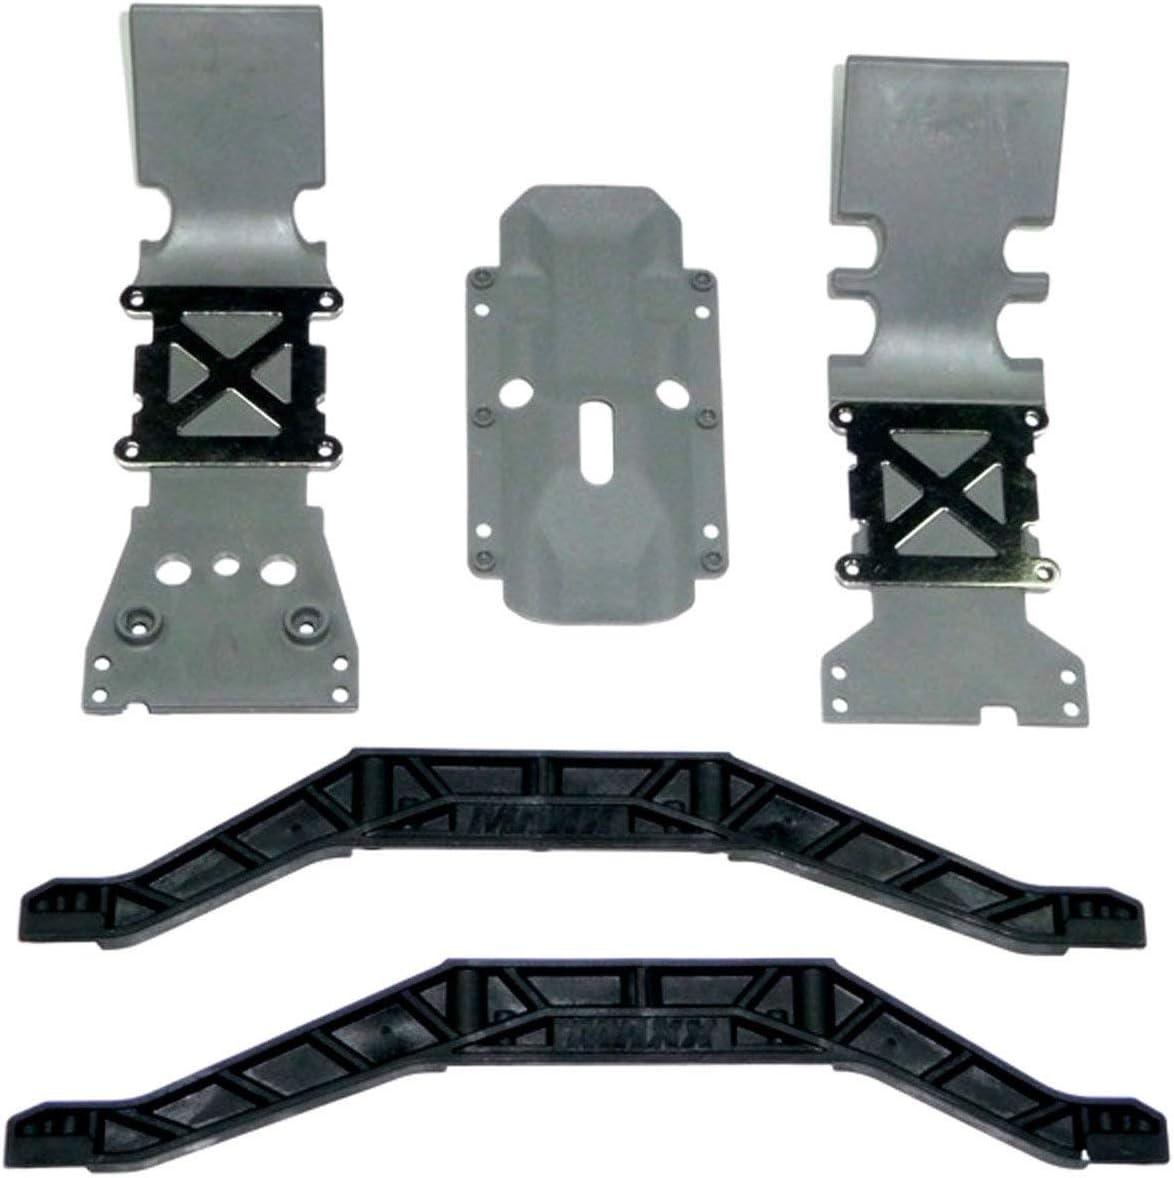 Brushless Traxxas Center Skid Plate Gray E-Maxx